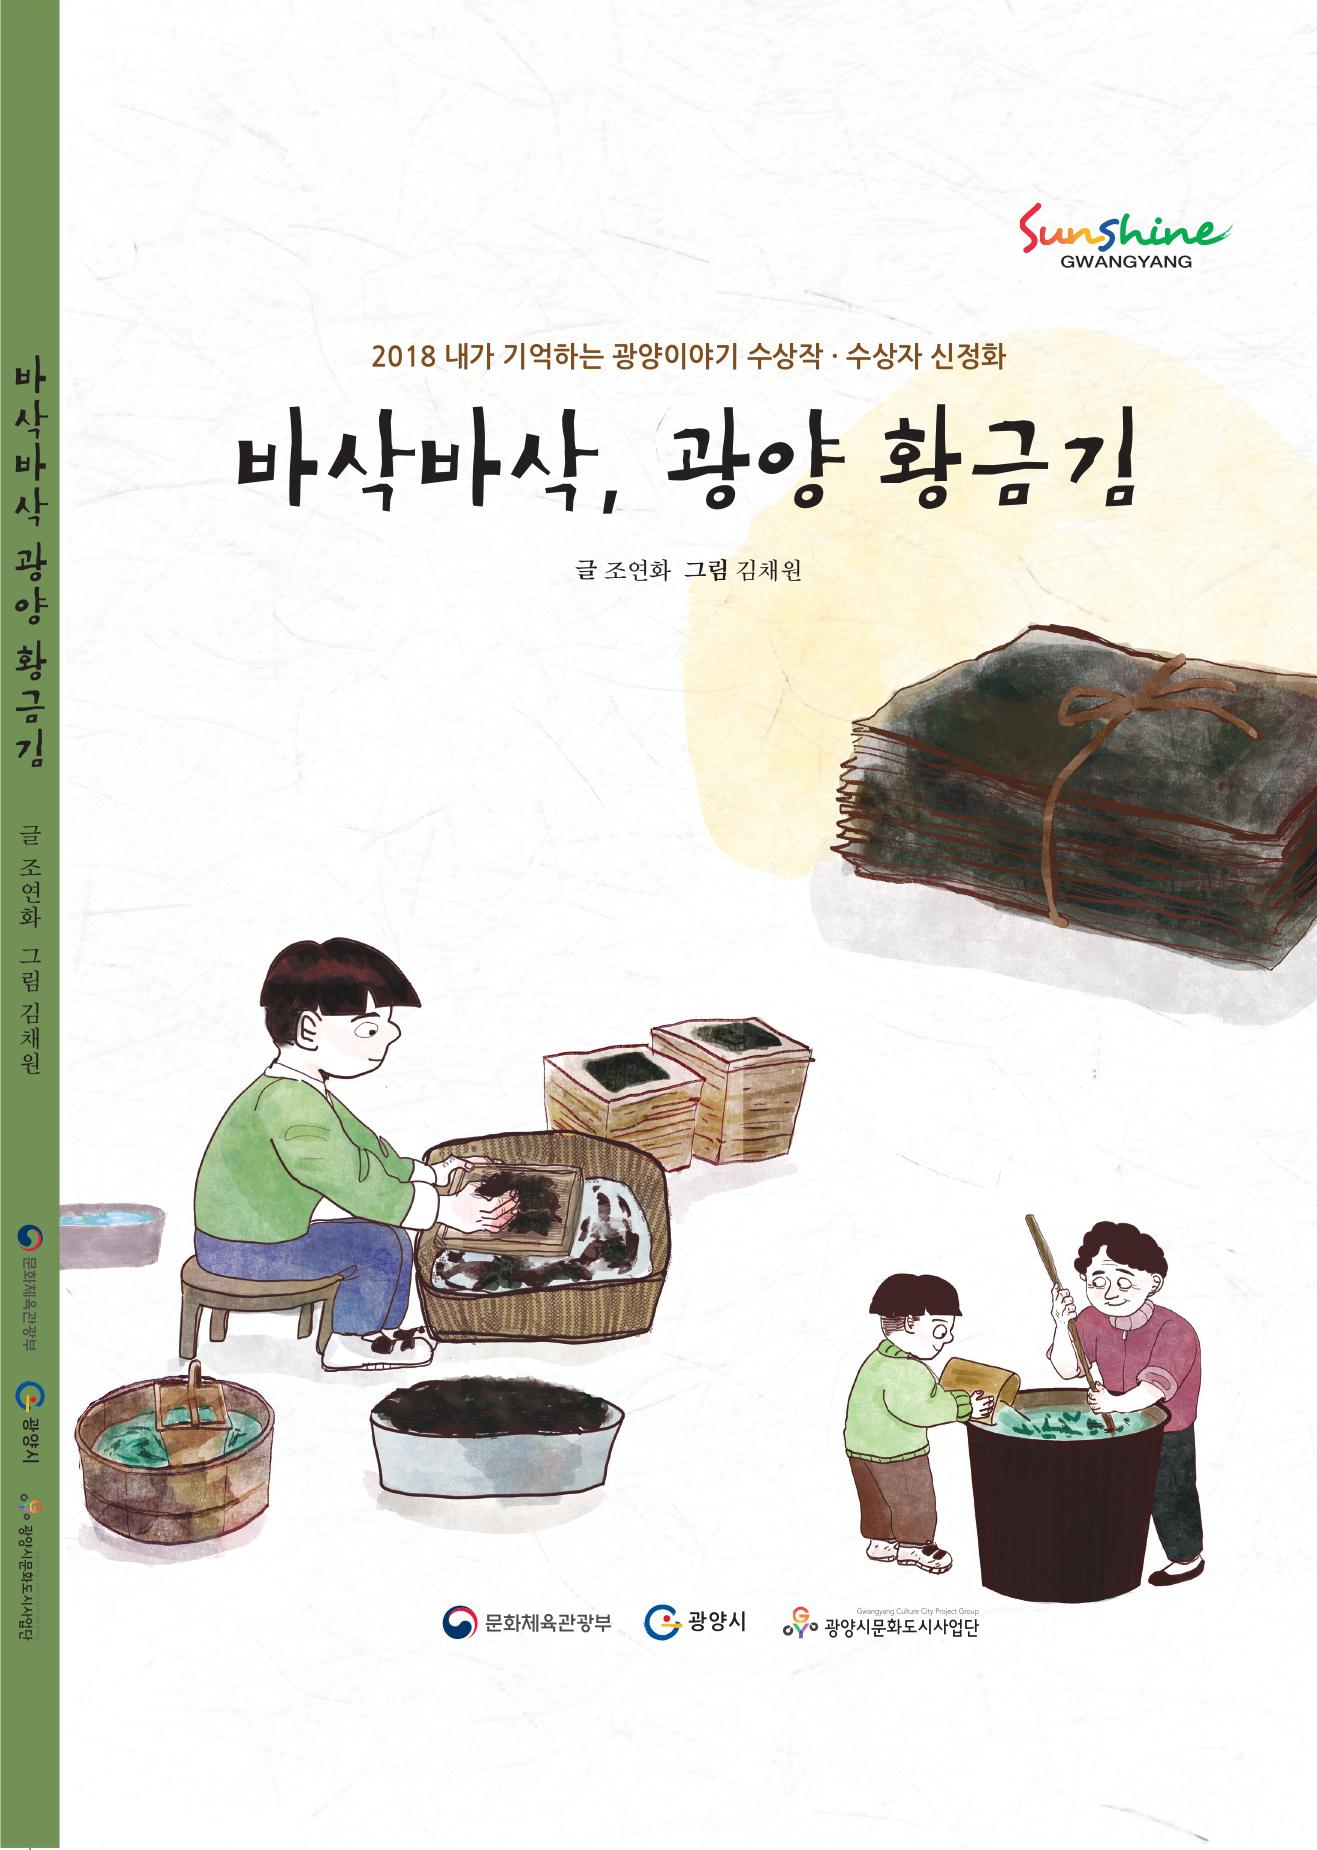 2018 내가 기억하는 광양이야기 - 광양 황금김